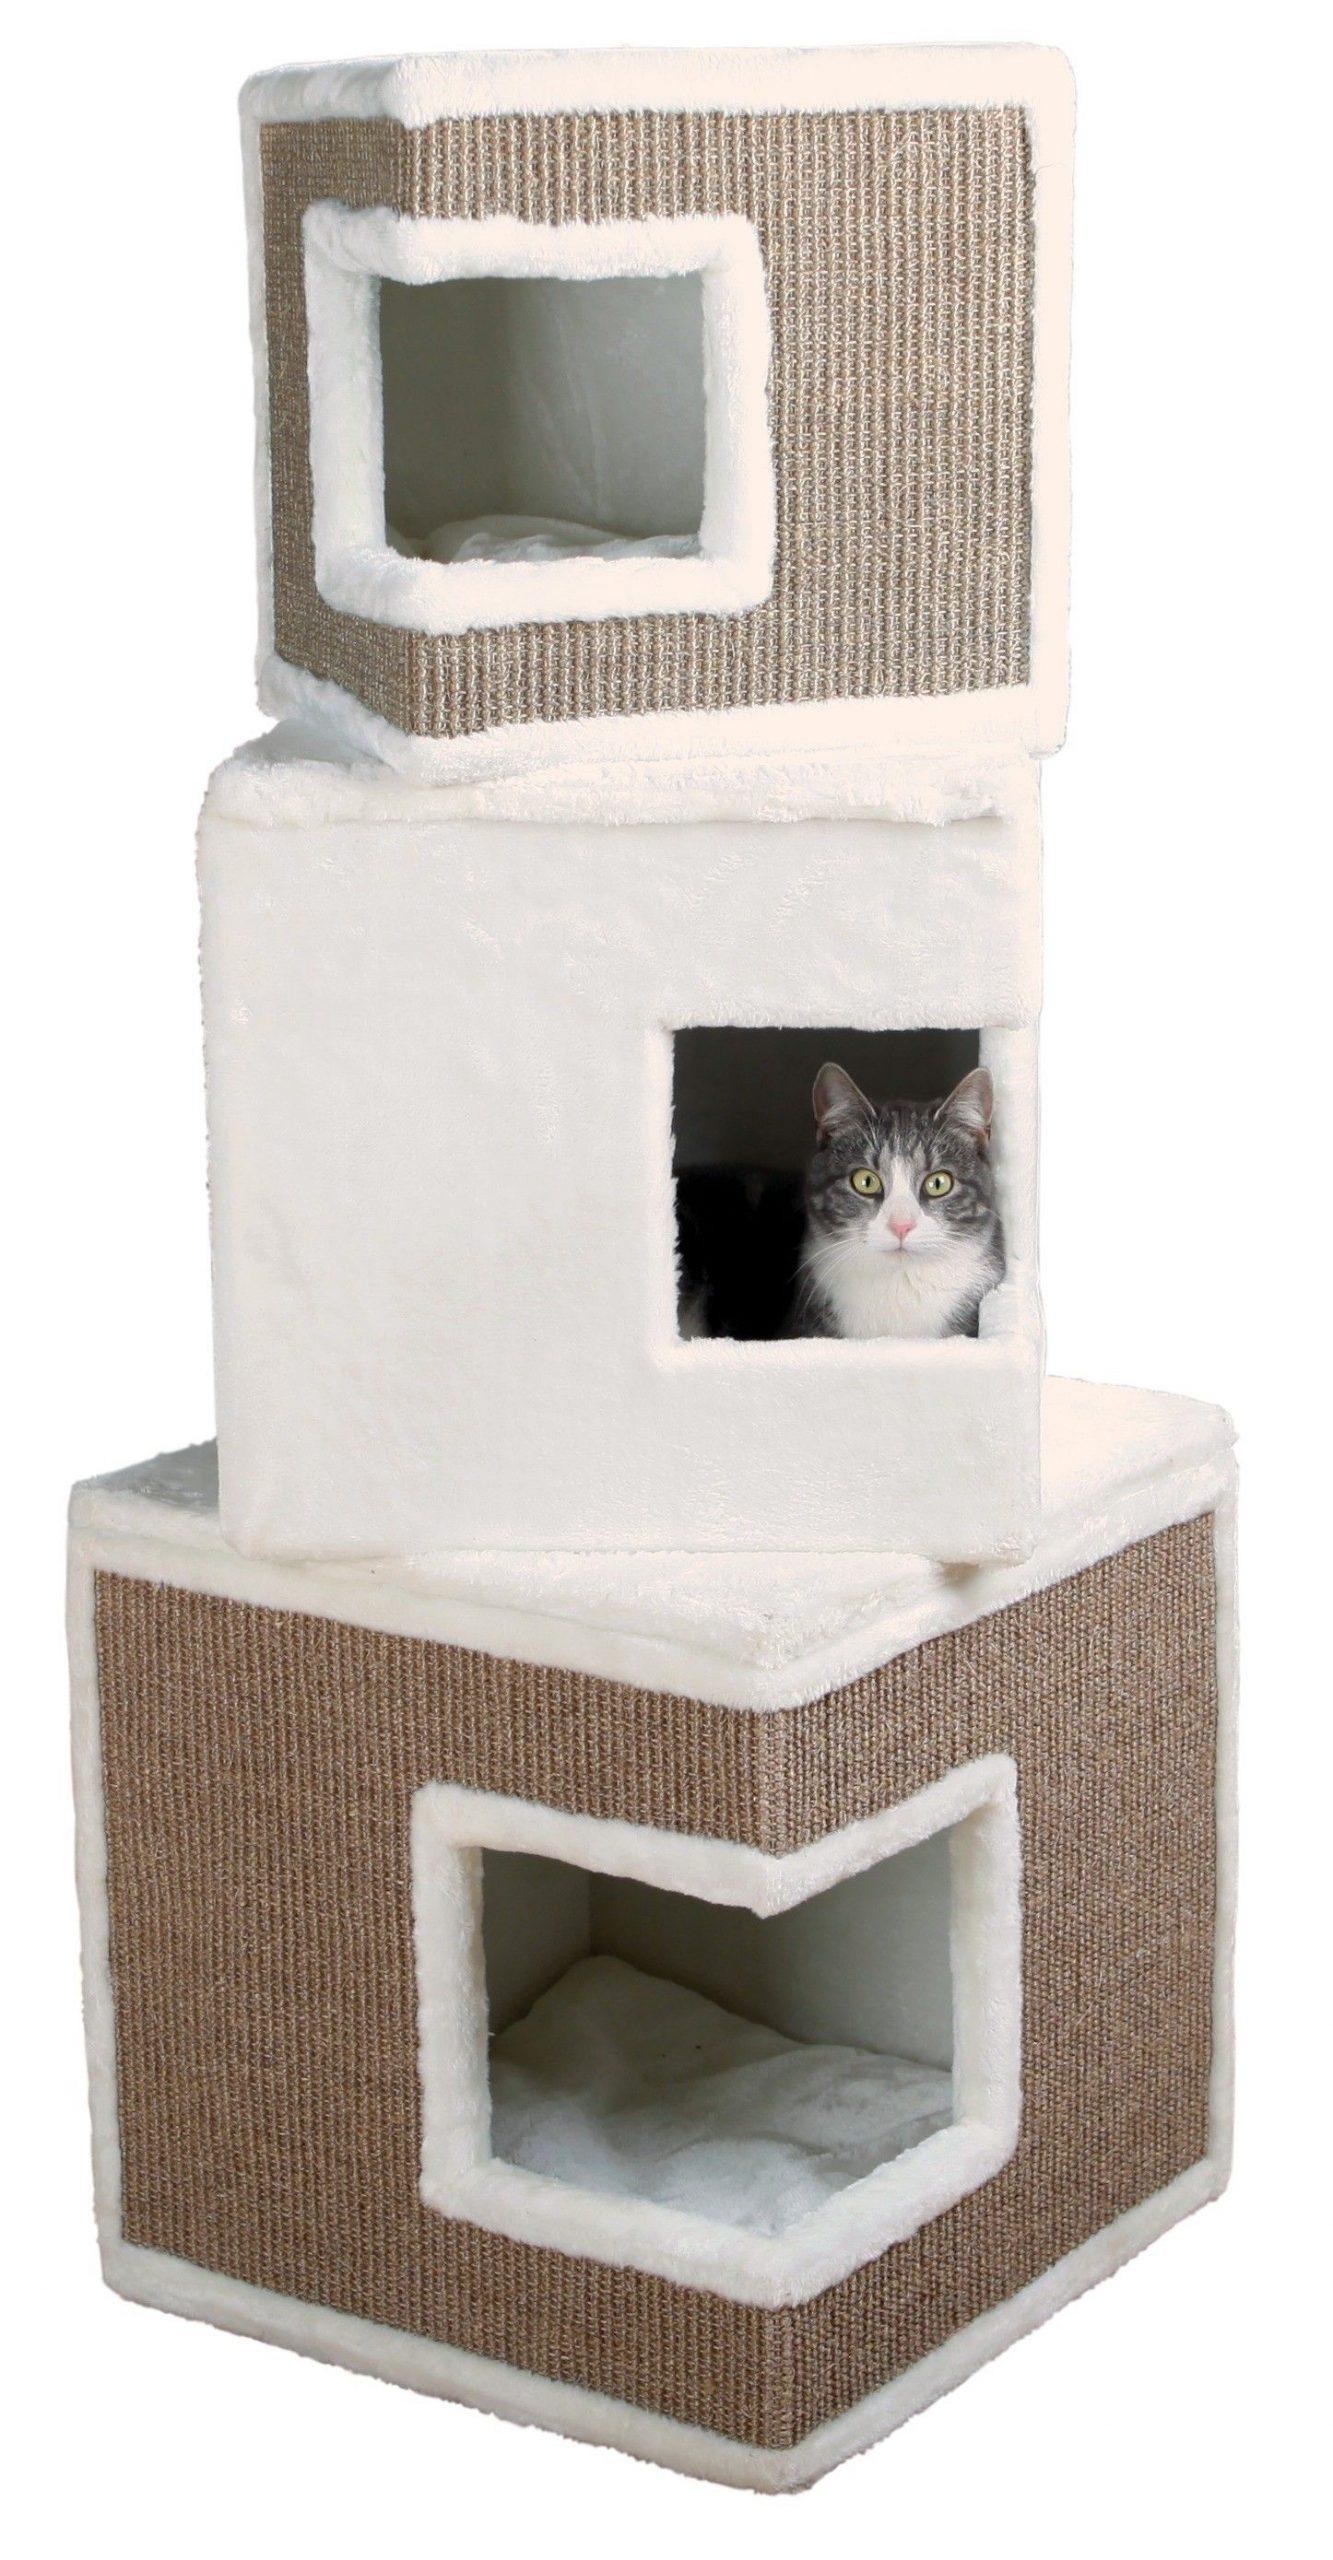 Trixie-Krabpaal-Katten-Kubus-Toren-Lilo-Wit-Bruin